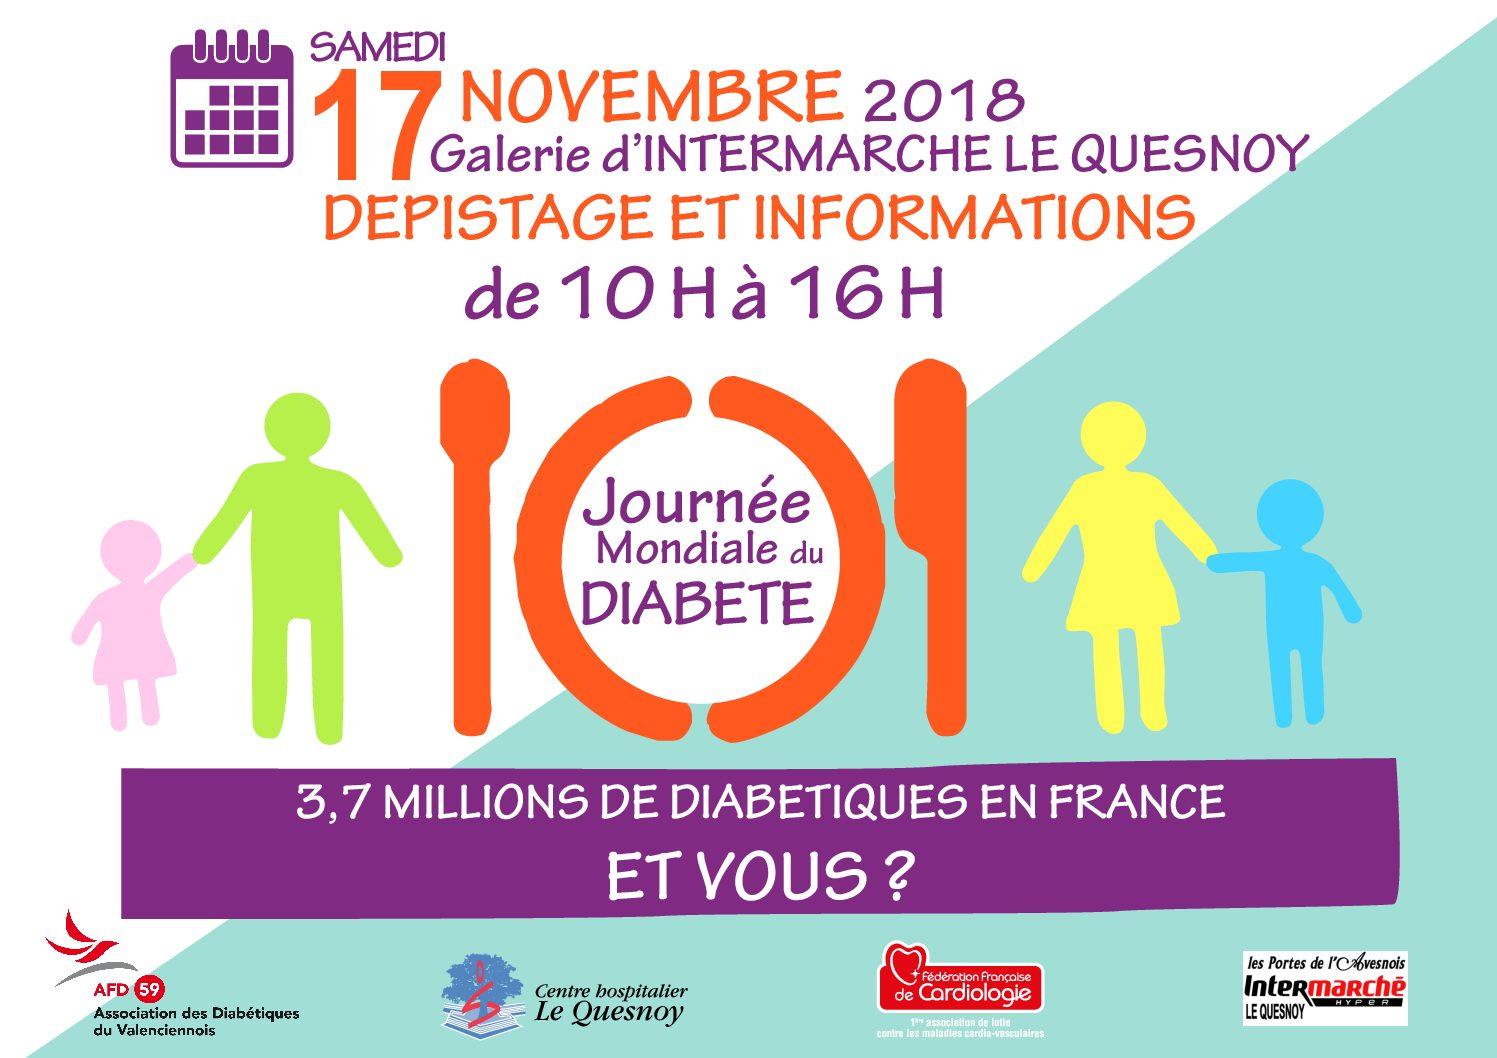 Journée Mondiale du Diabète – 17 novembre 2018